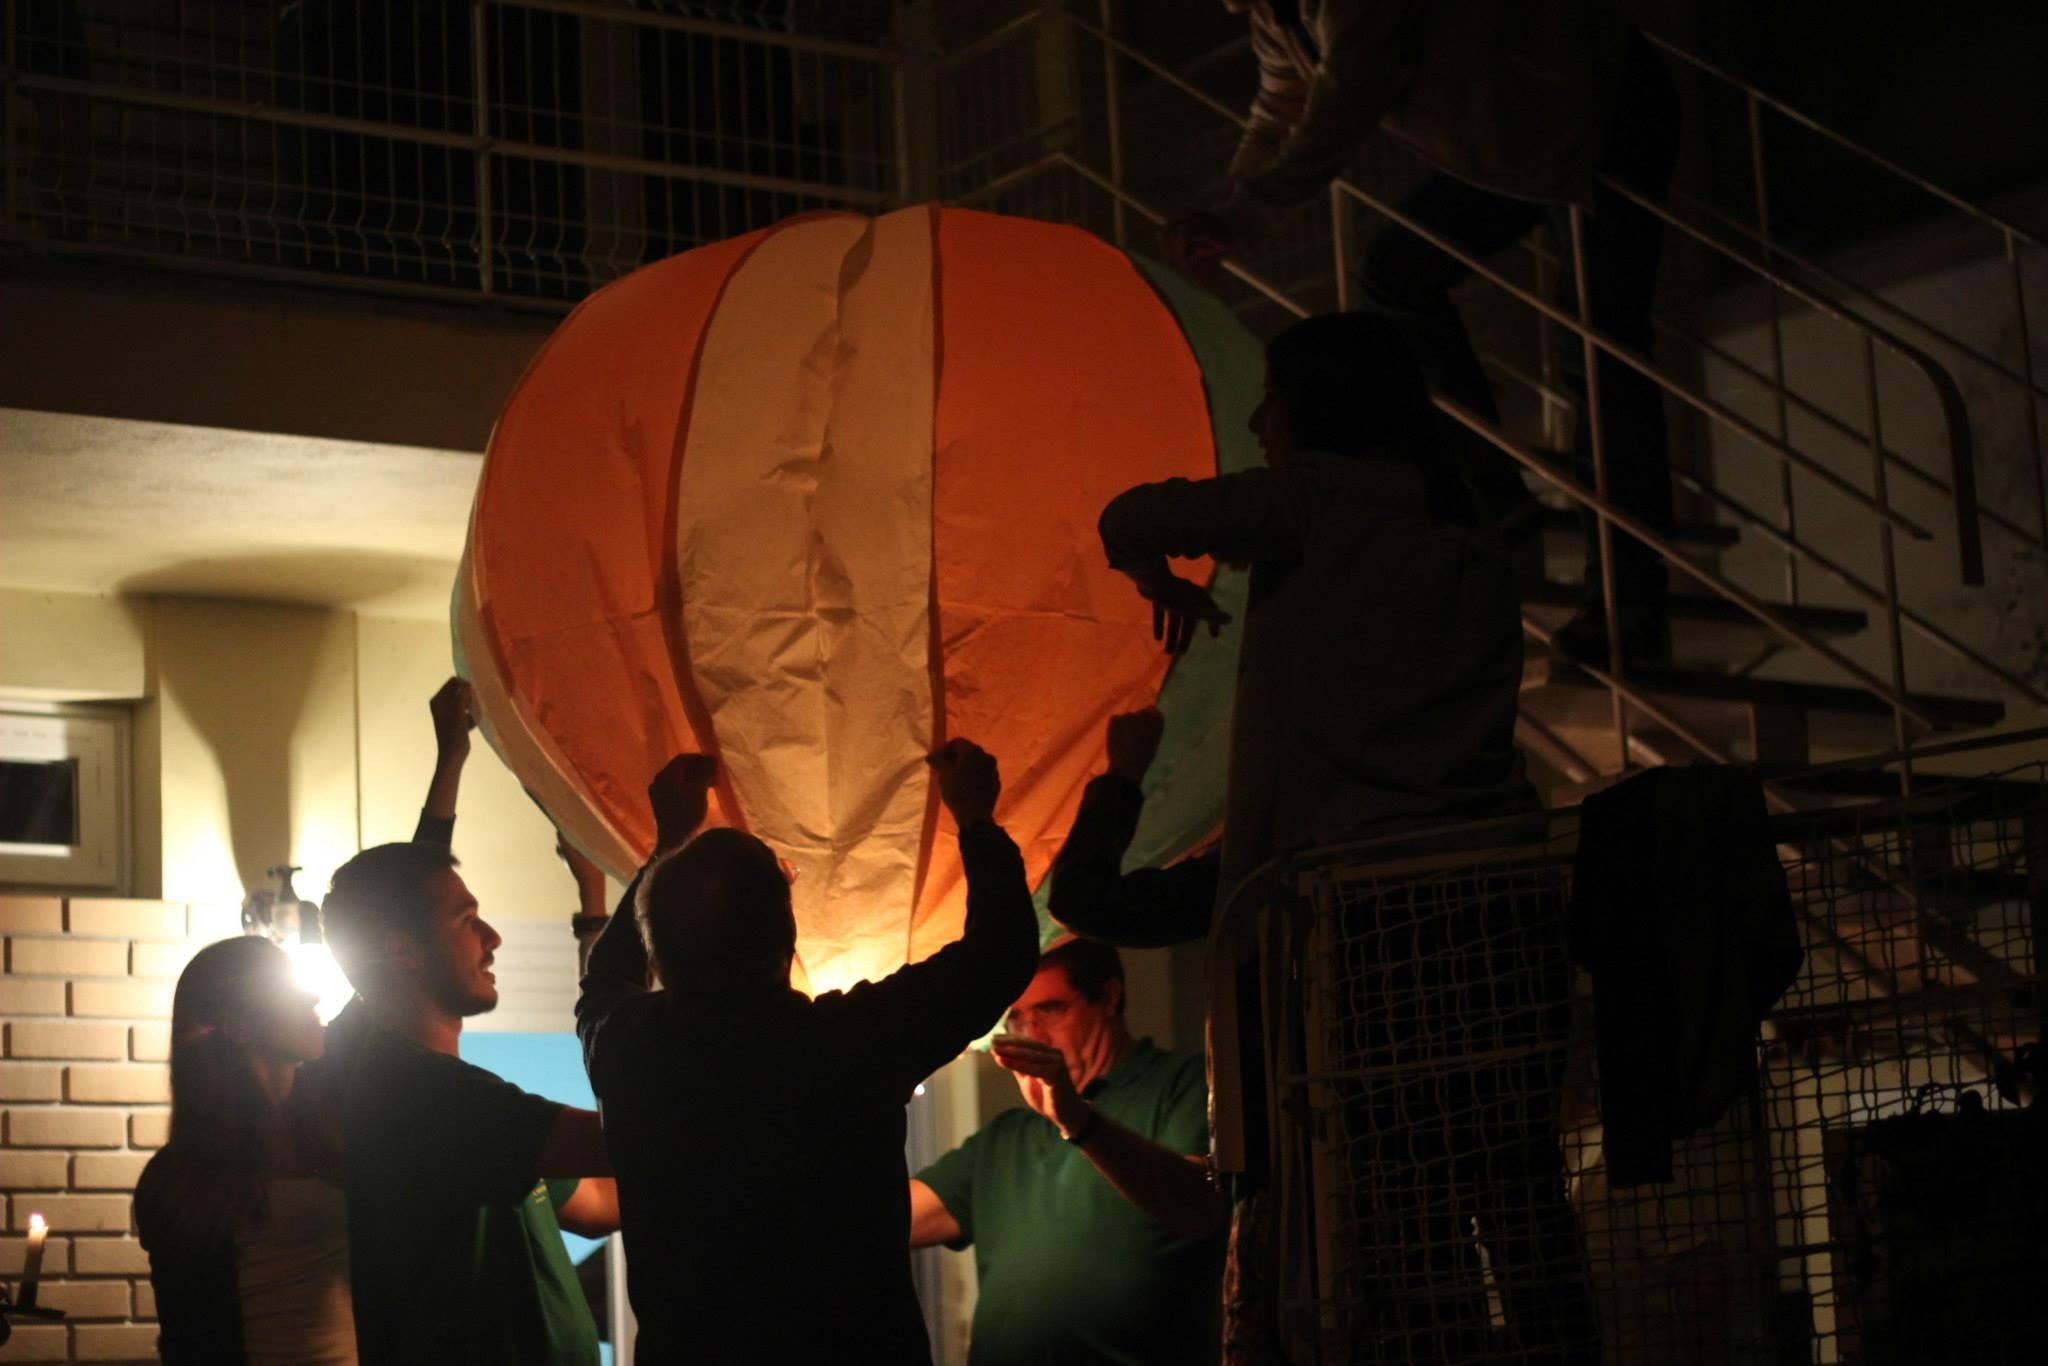 Lançamento de balões de São João estão proíbidos